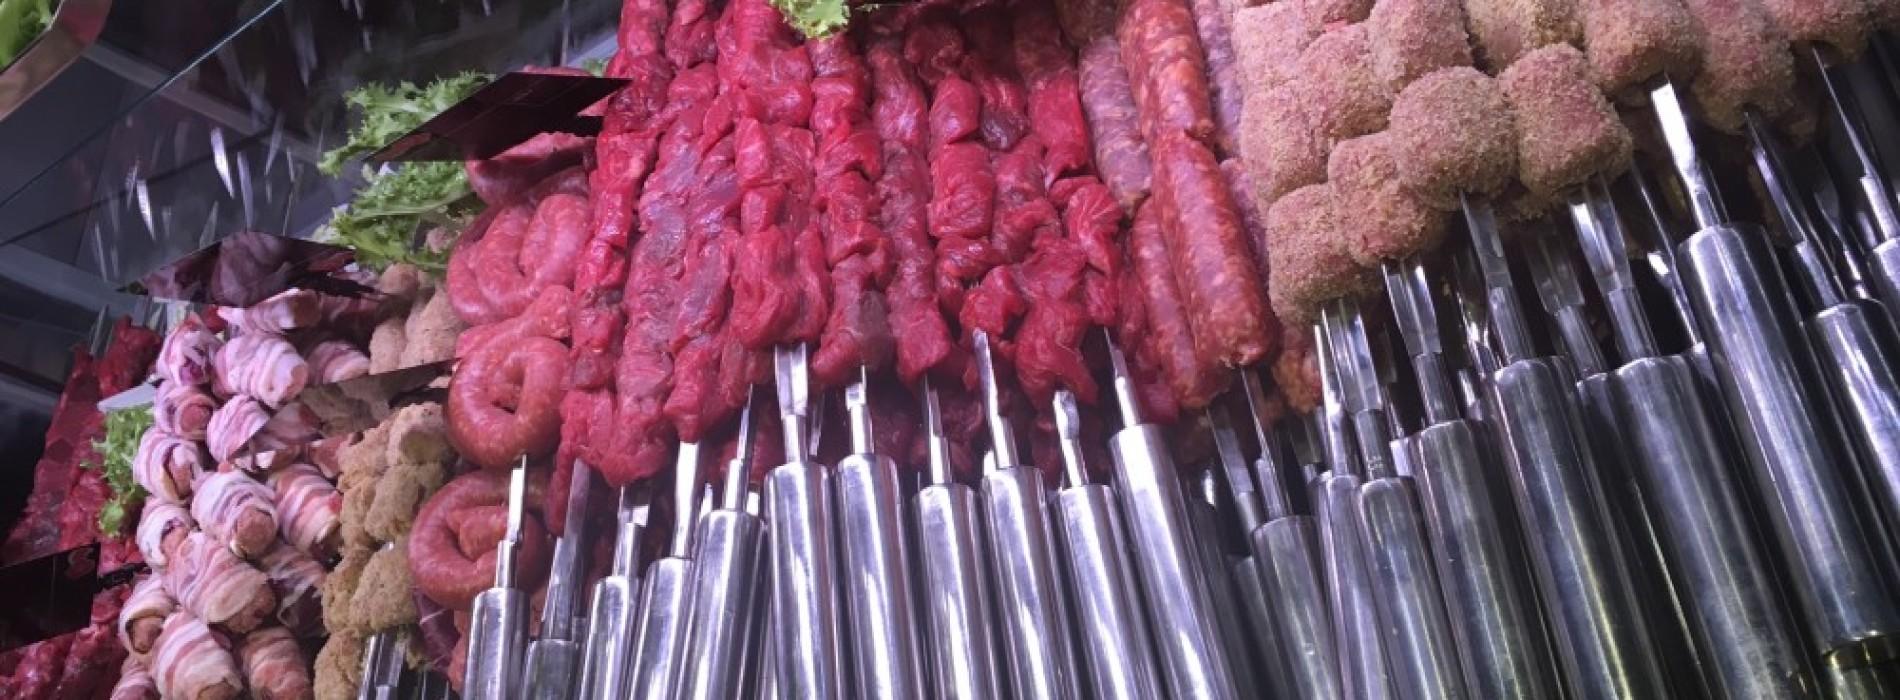 Macello spaderia e mescita Roma, ristorante di carne a Ponte Milvio